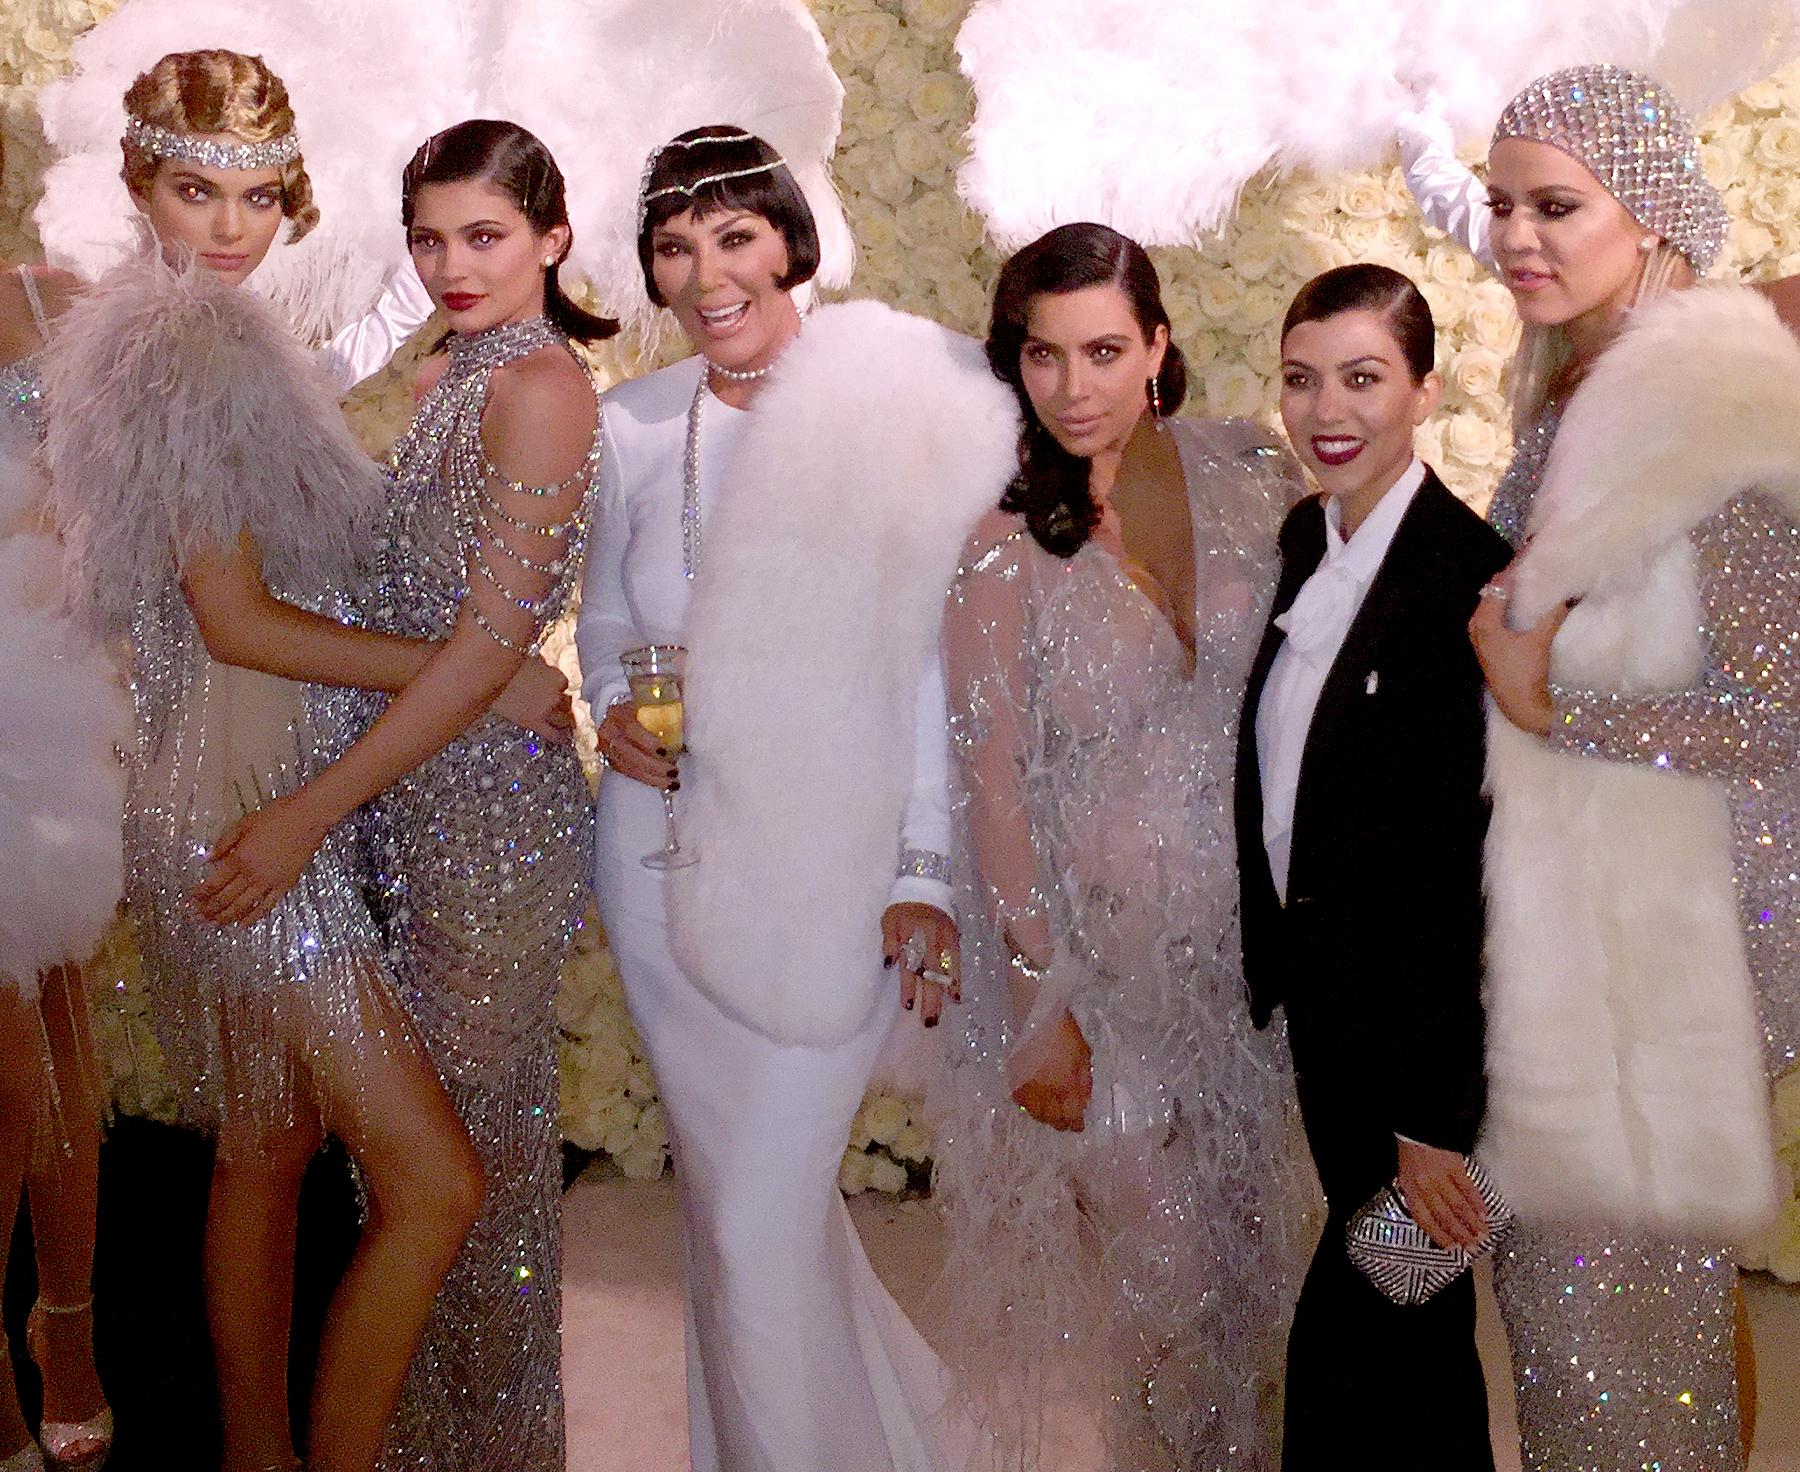 Kendall Jenner, Kylie Jenner, Kris Jenner, Kim Kardashian, Kourtney Kardashian, Khloe Kardashian circa November 2015 in Los Angeles, CA.